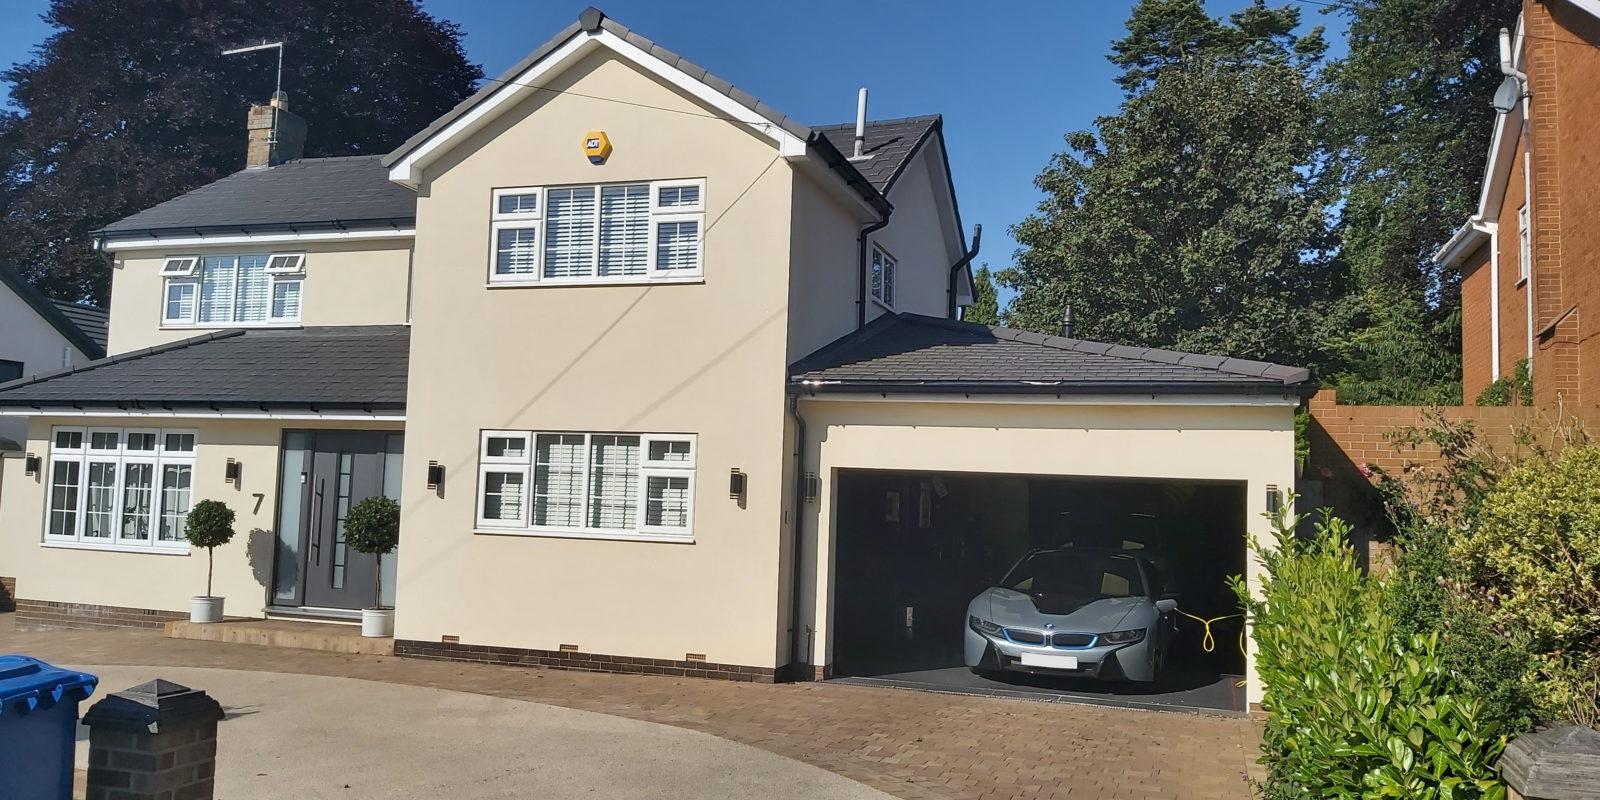 New Build Garage in Leeds